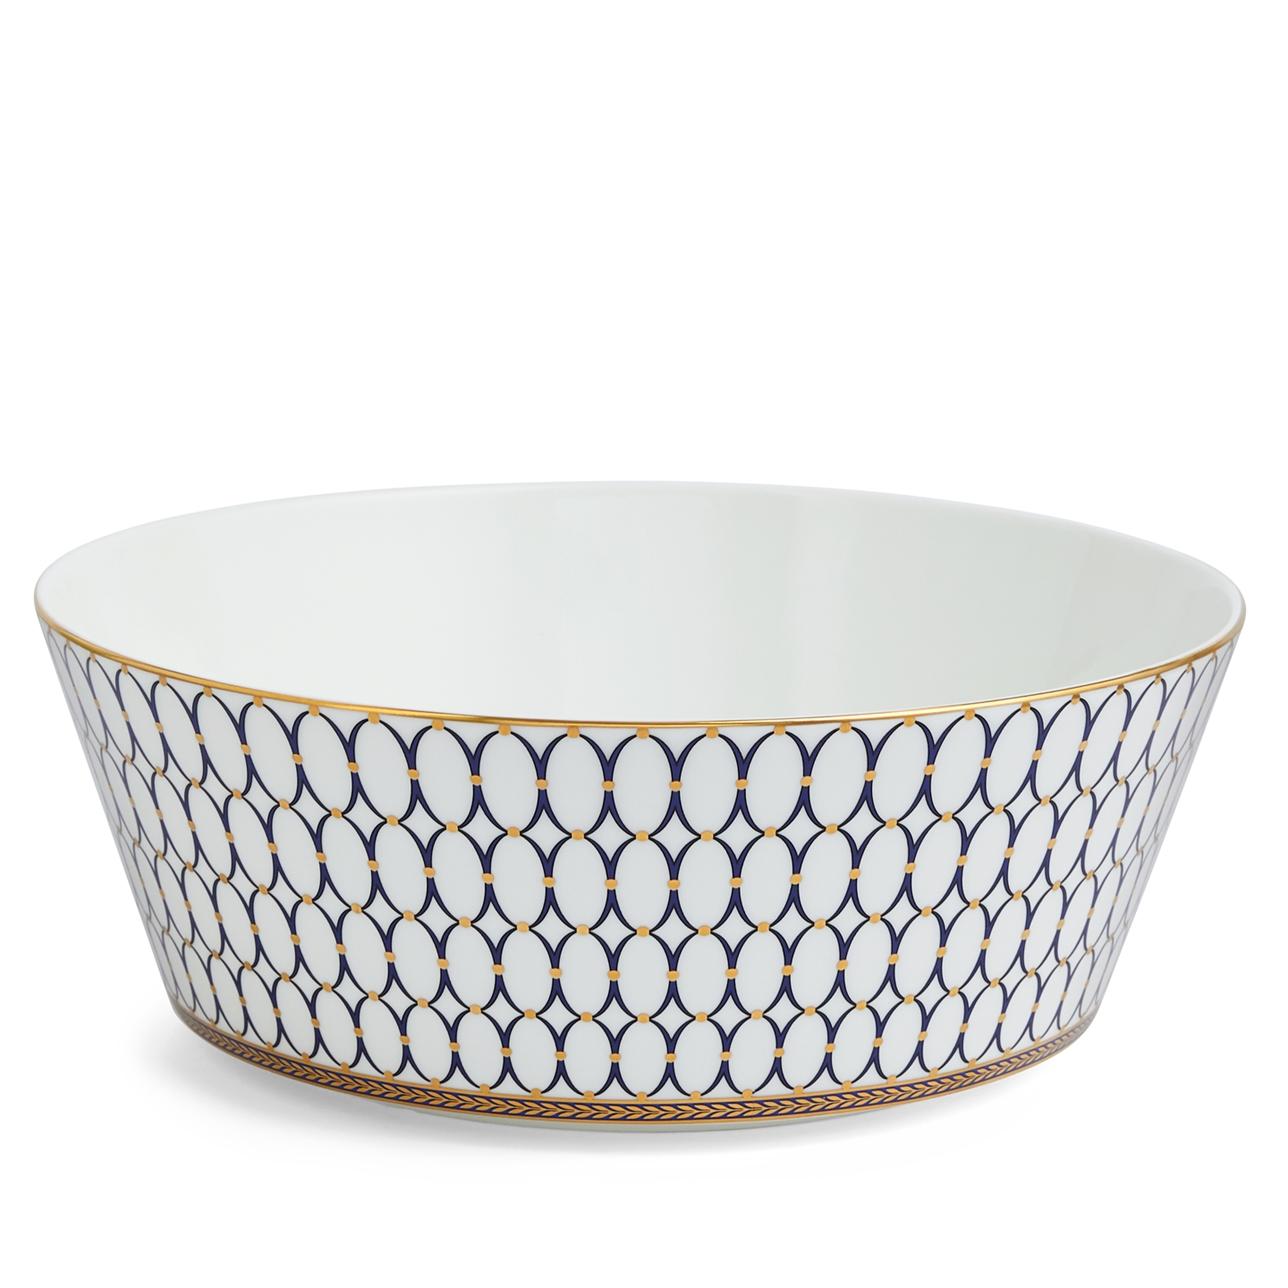 Renaissance Gold Round Serving Bowl 25cm